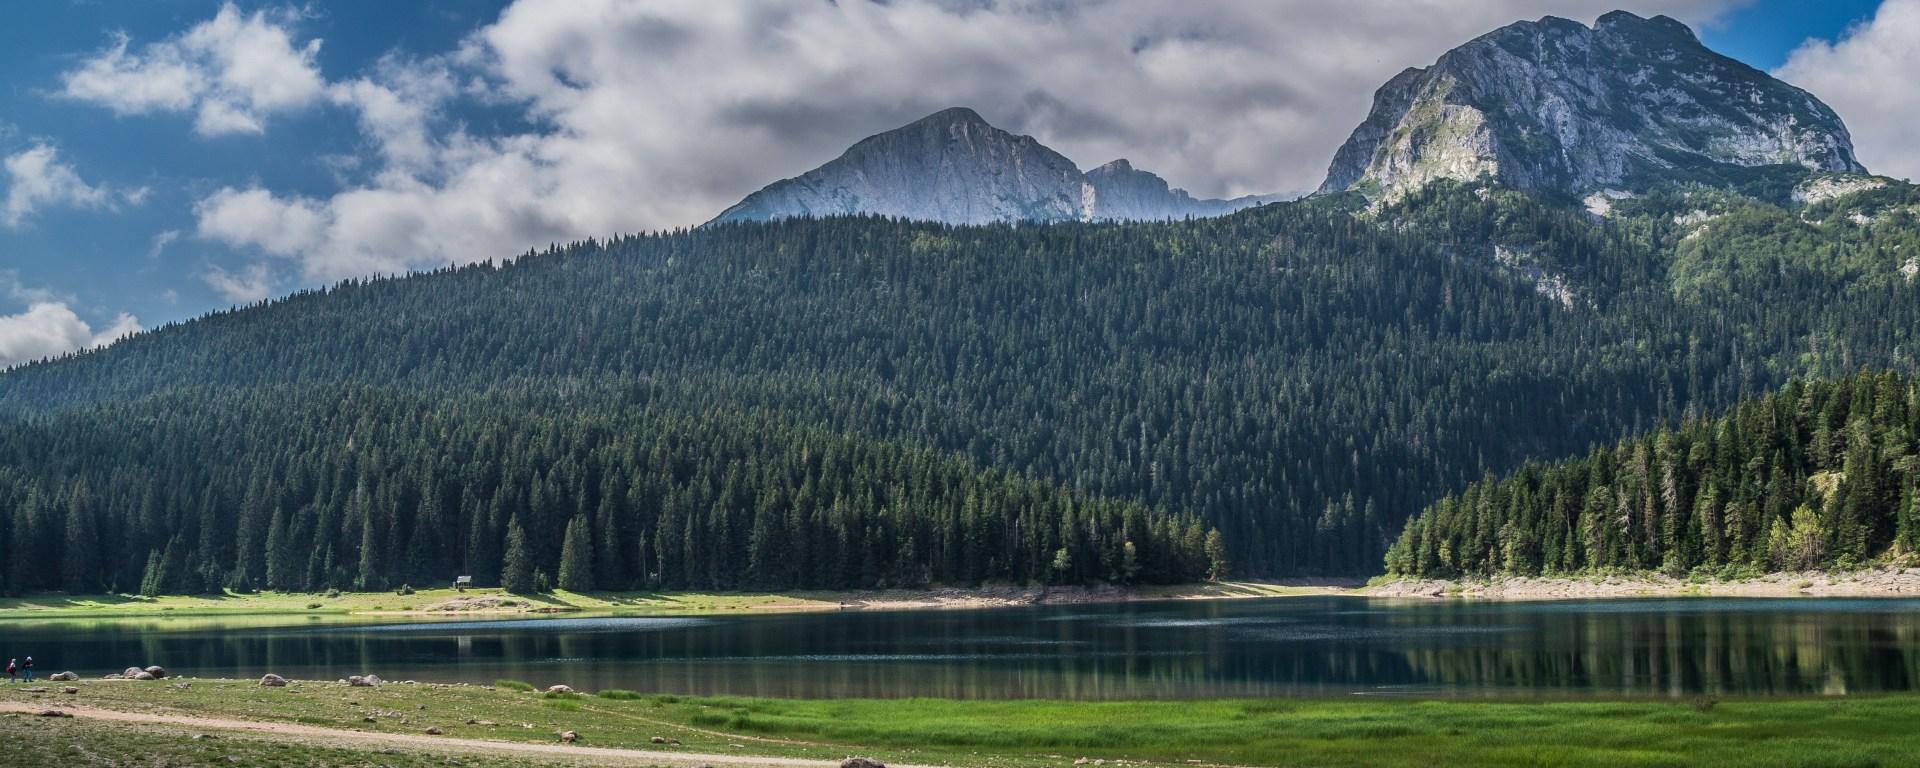 czarny staw czarnogóra - góry durmitor